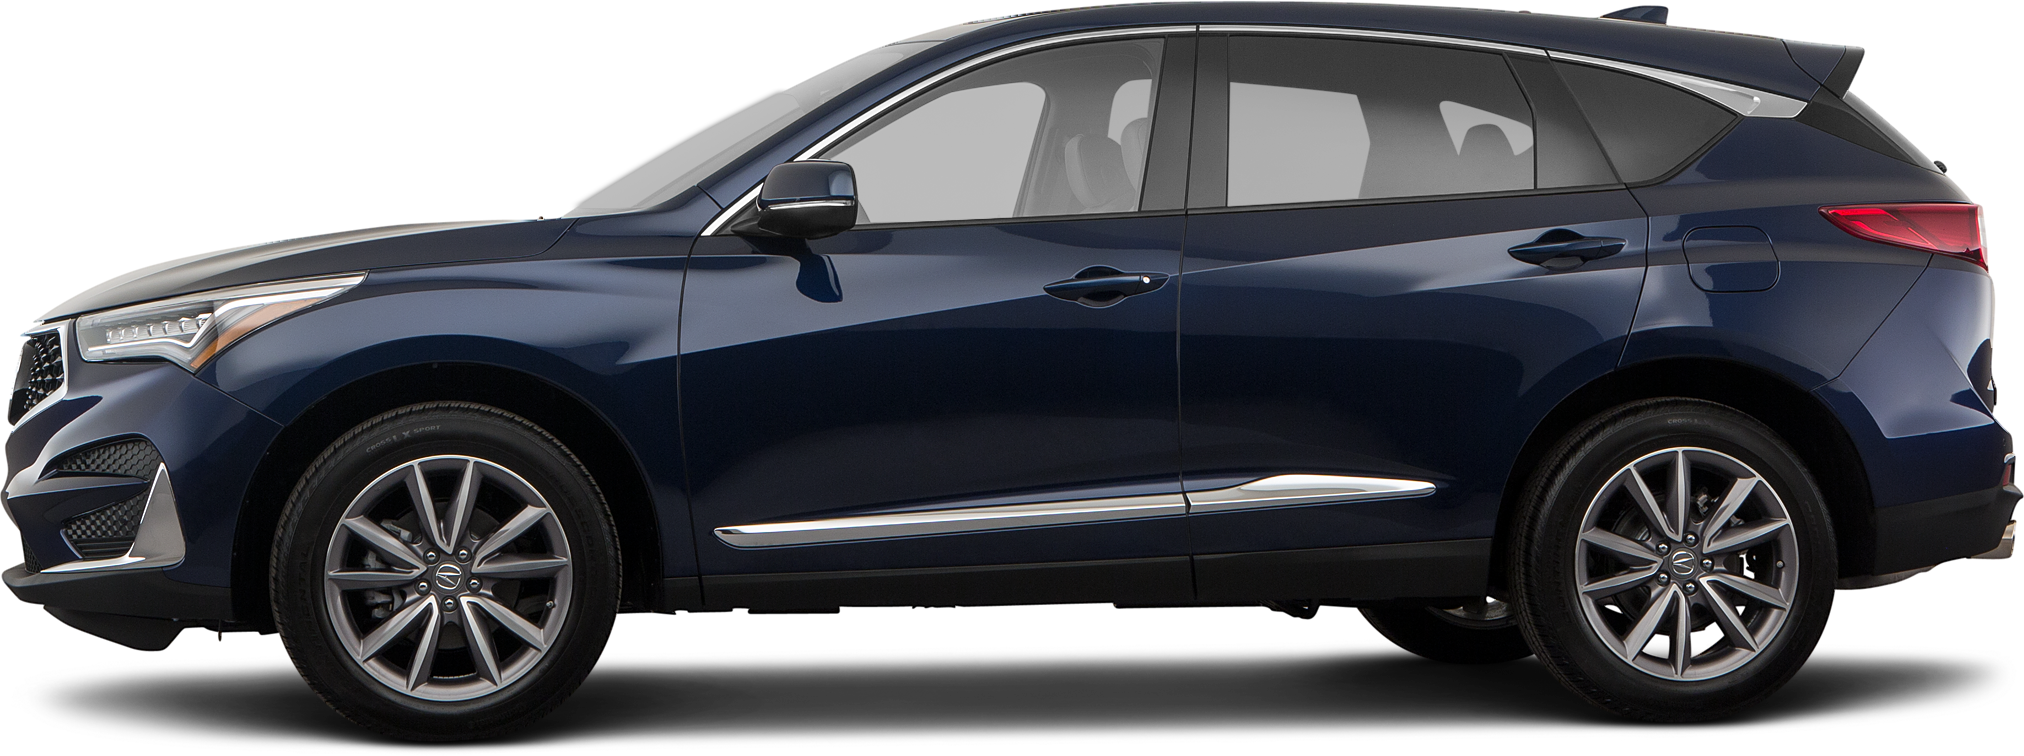 2021 Acura RDX SUV Elite